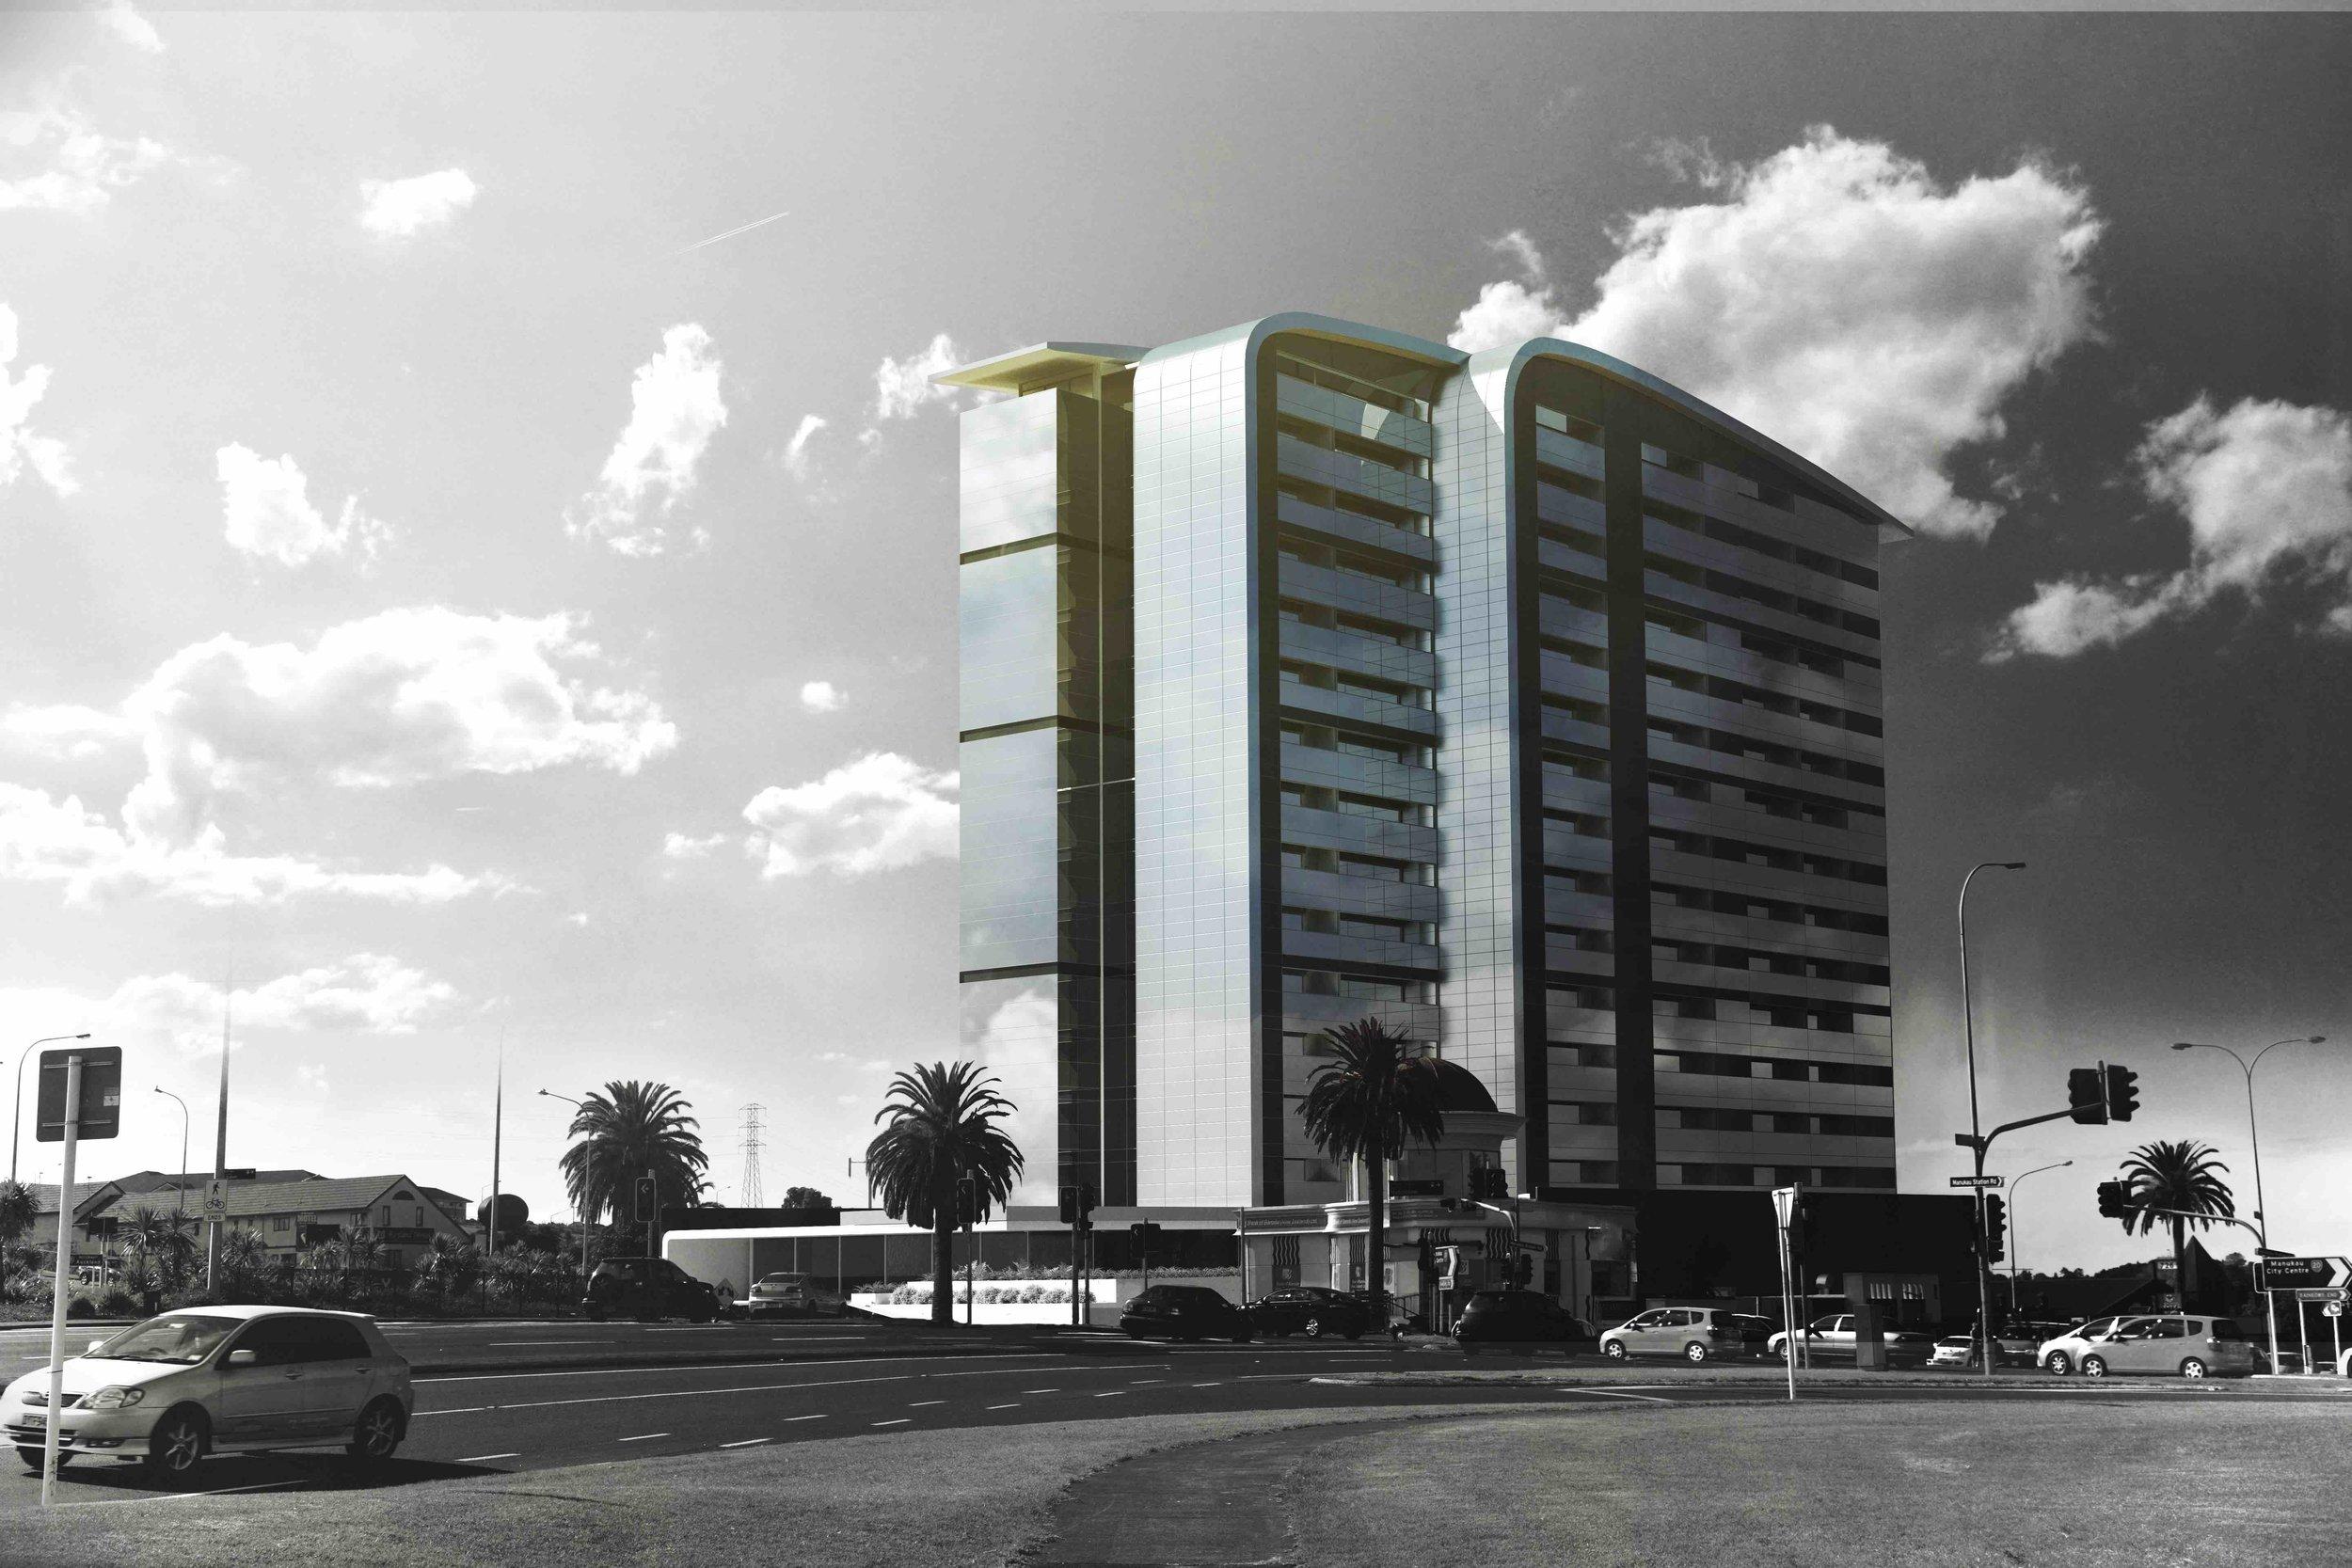 Lakewood Plaza Manukau Property Investment high yield